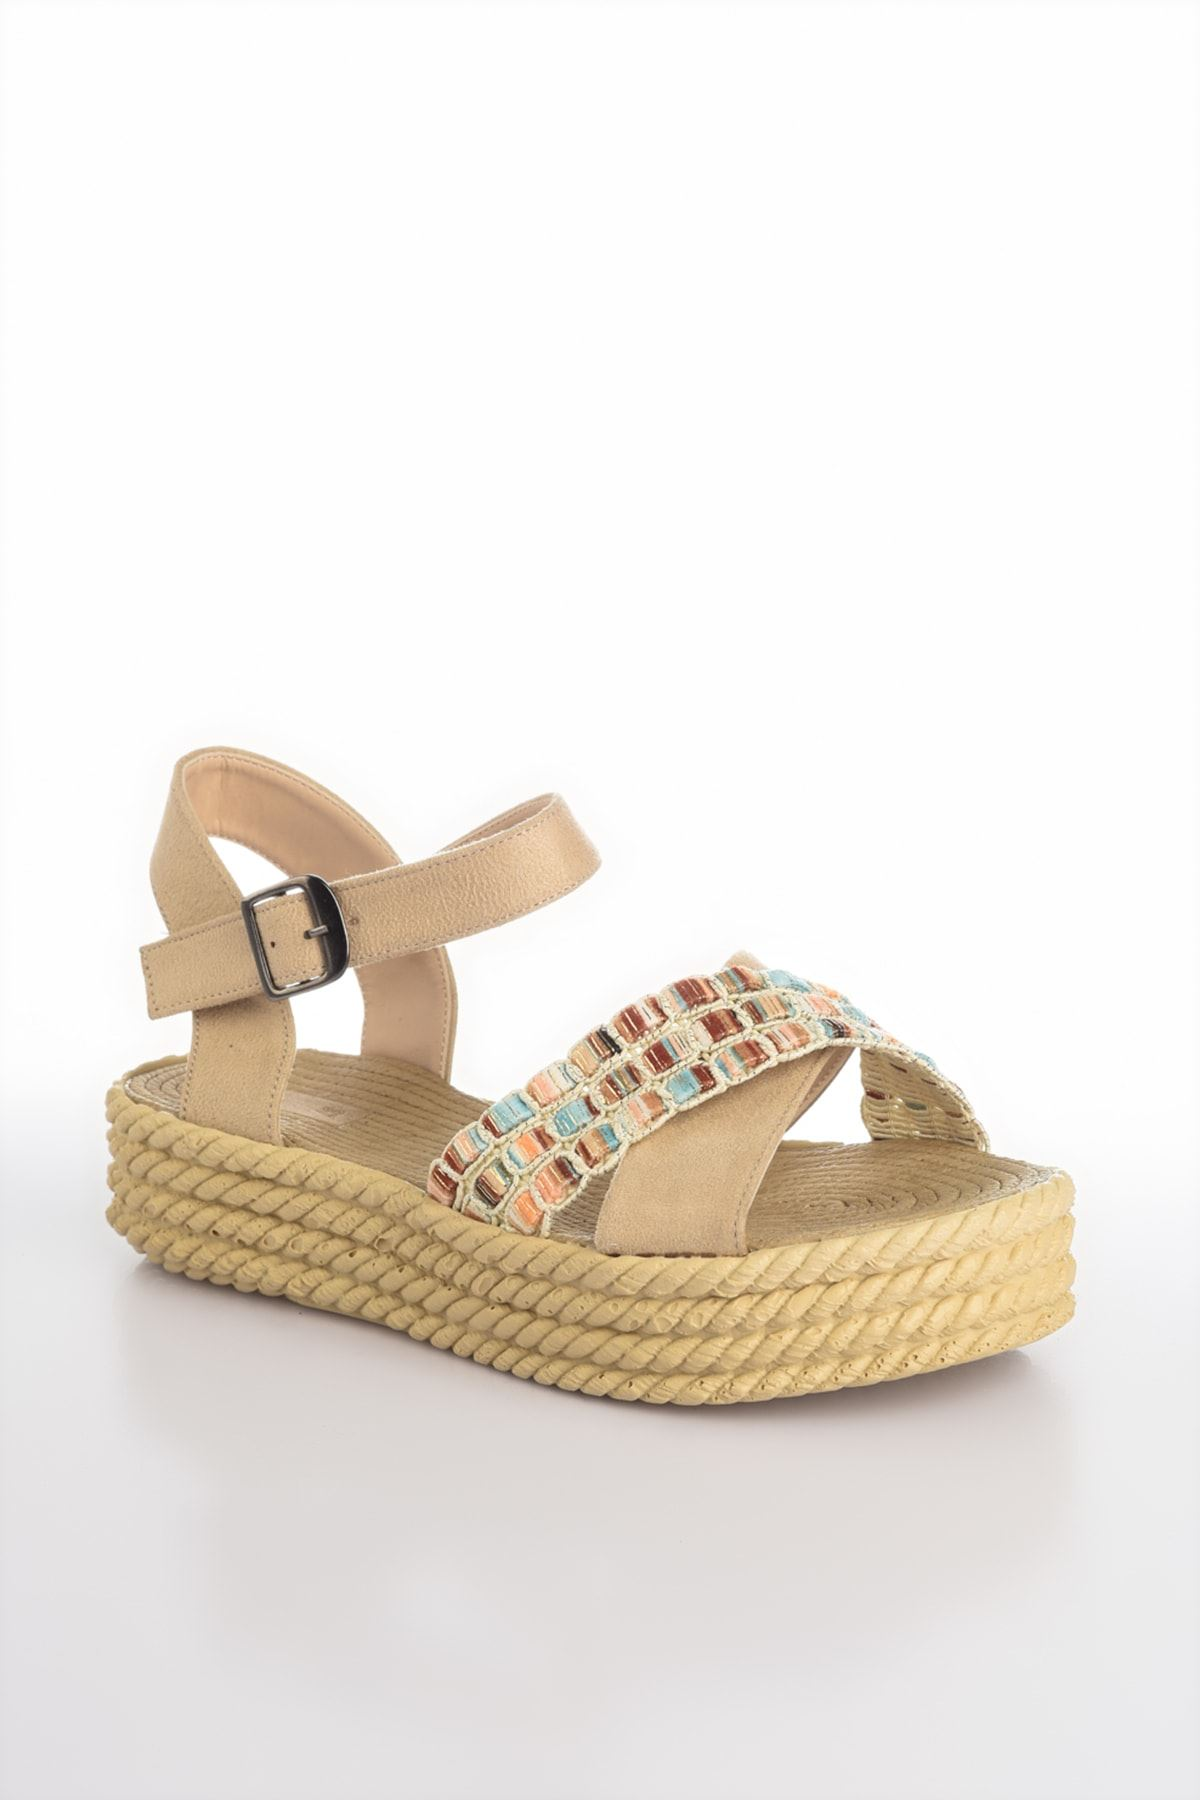 Işıl Süet Renkli Çapraz Detay Kadın Sandalet Ten